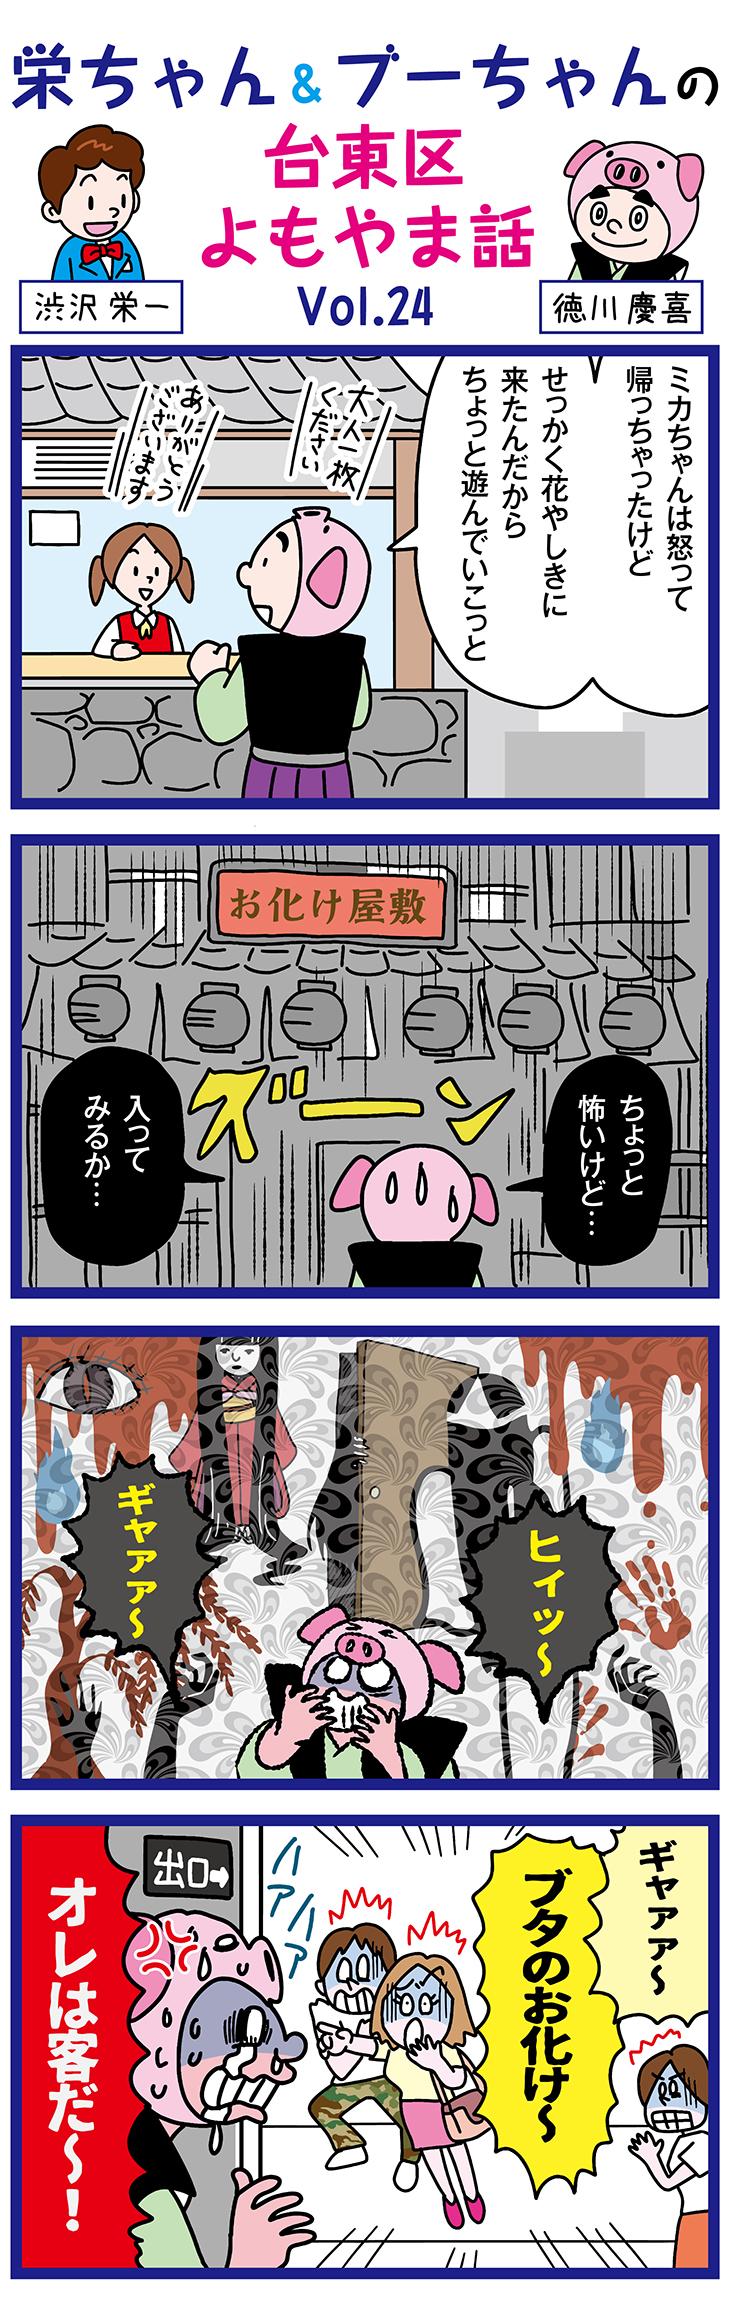 日本最古のお化け屋敷:浅草花やしき②